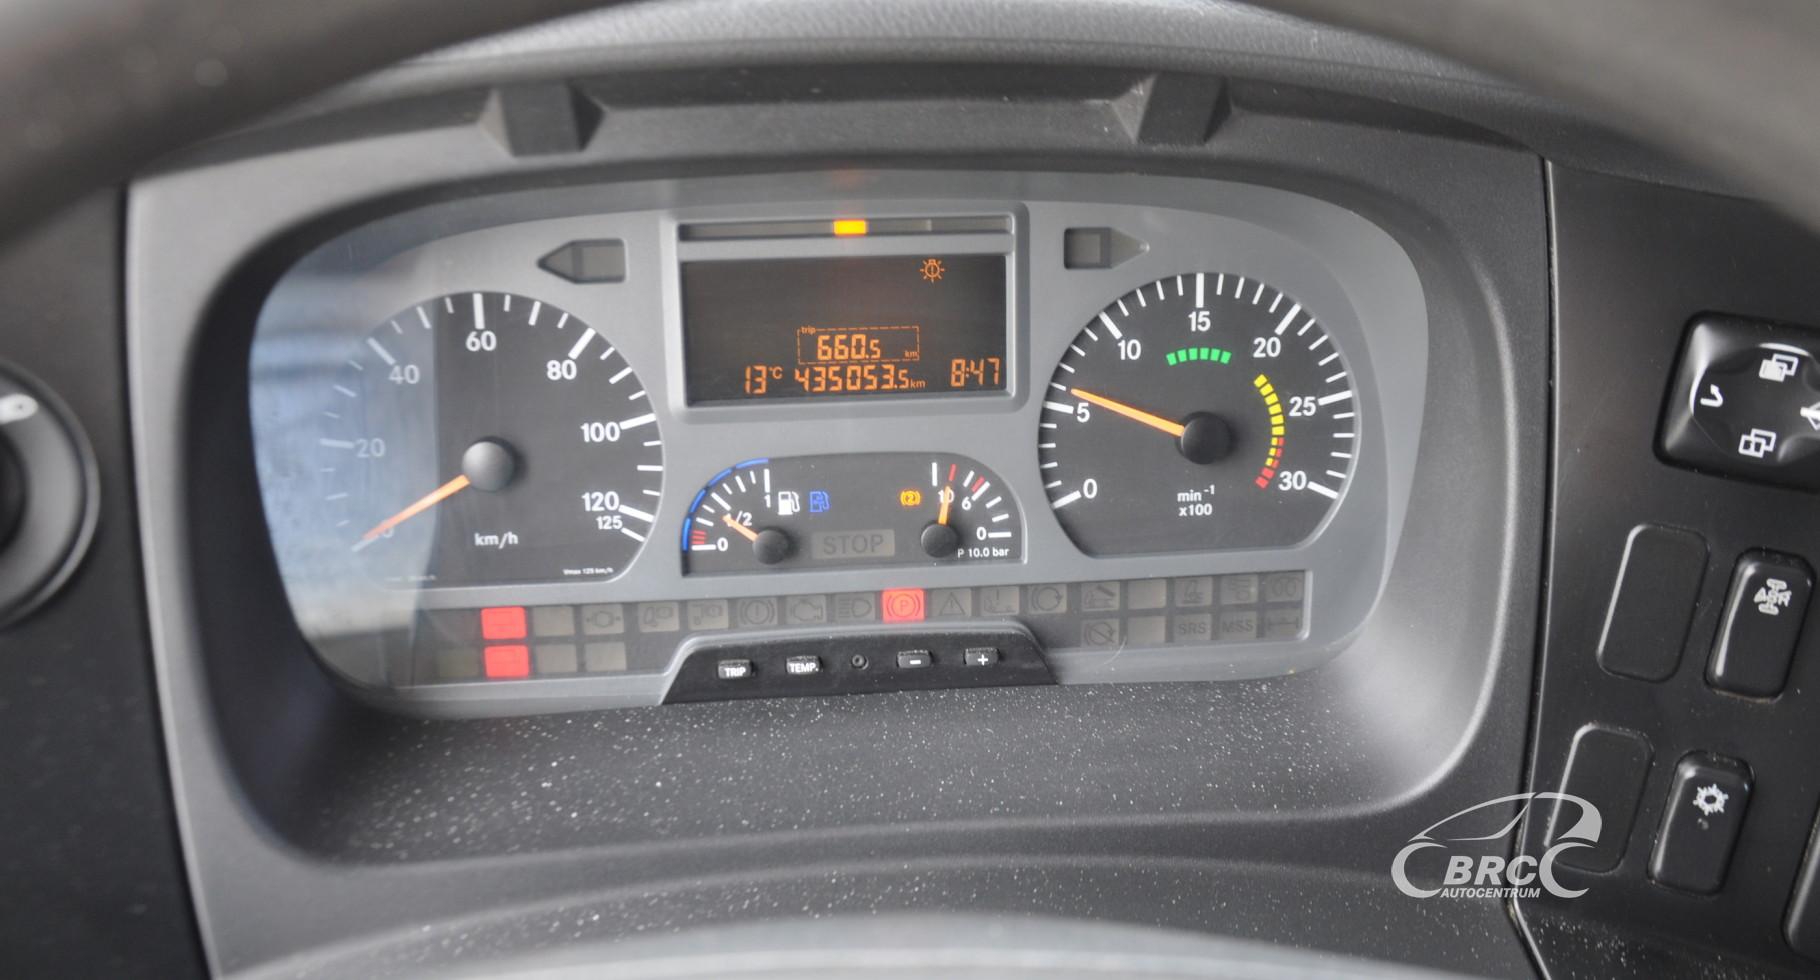 Mercedes-Benz 1524 Euro 4